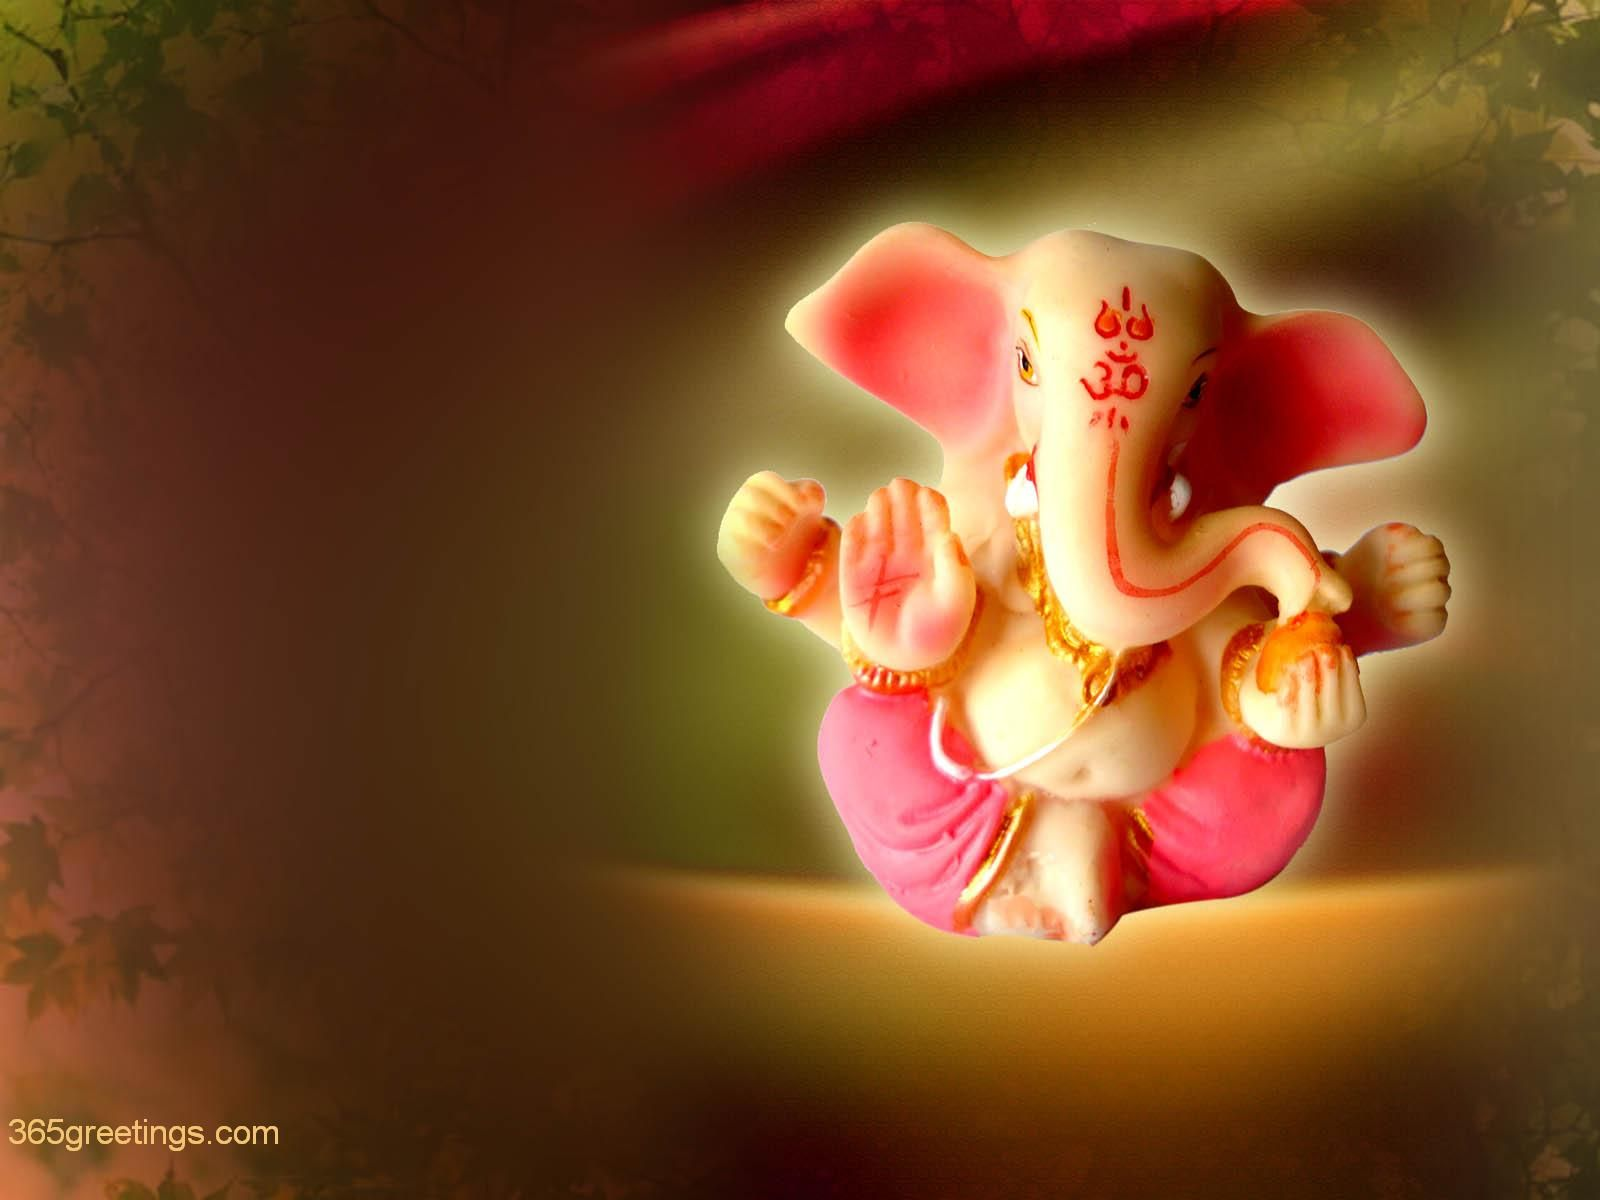 Ganesh Wallpapers For Desktop Wallpapersafari Ganesh Wallpaper Wallpaper Fancy Jewelry Necklace